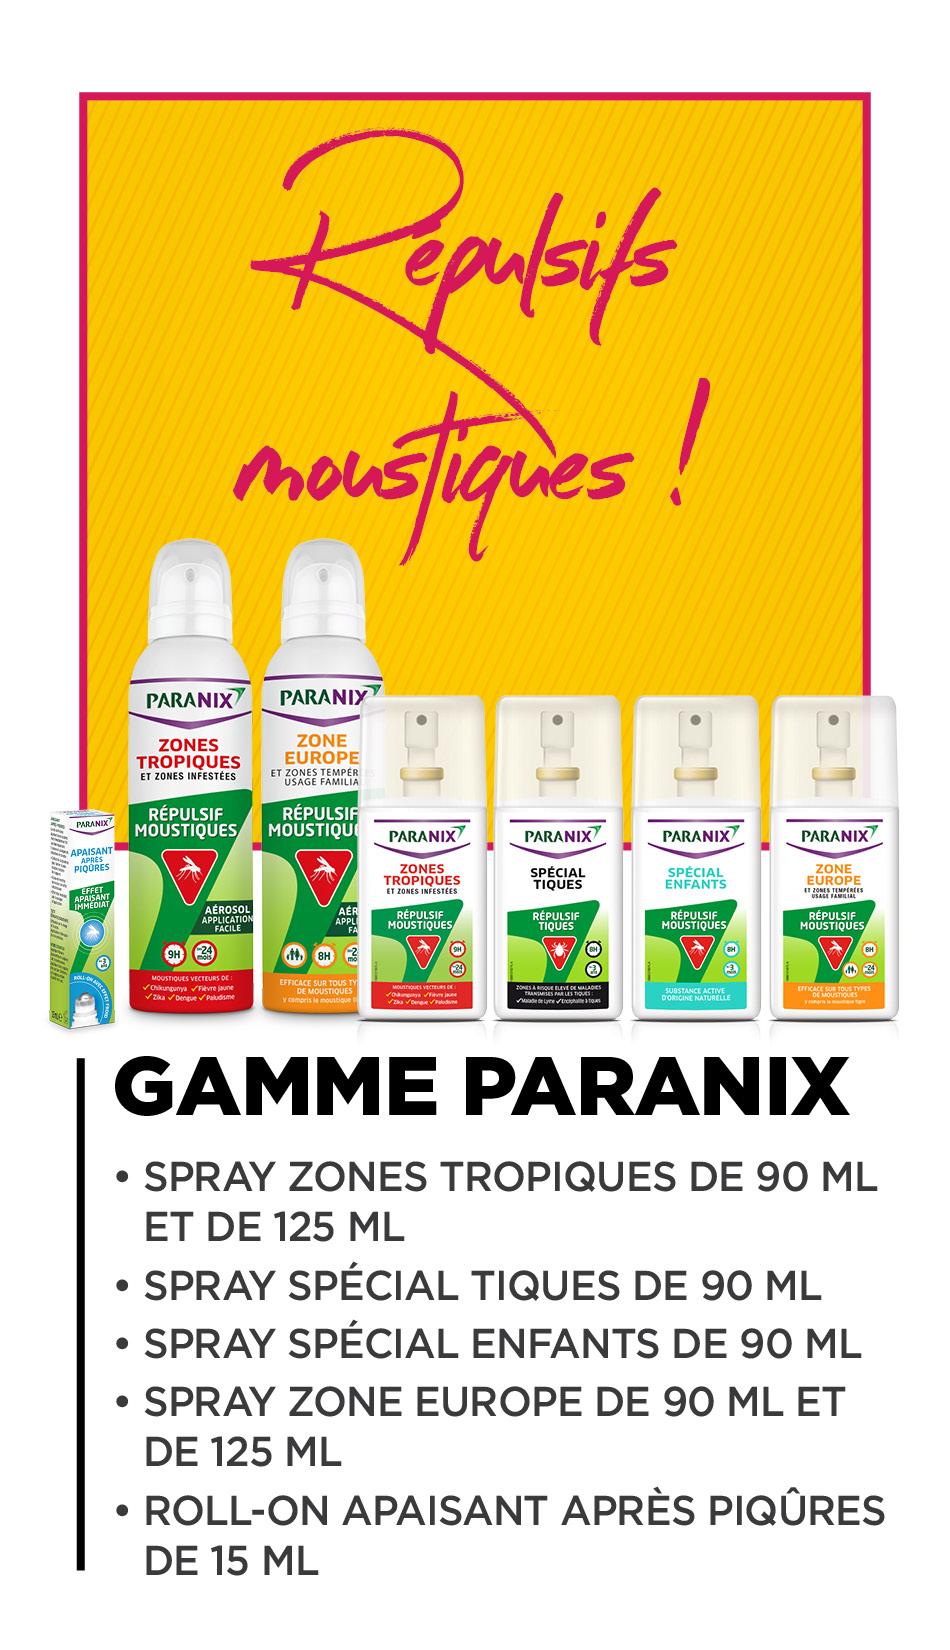 Gamme Paranix